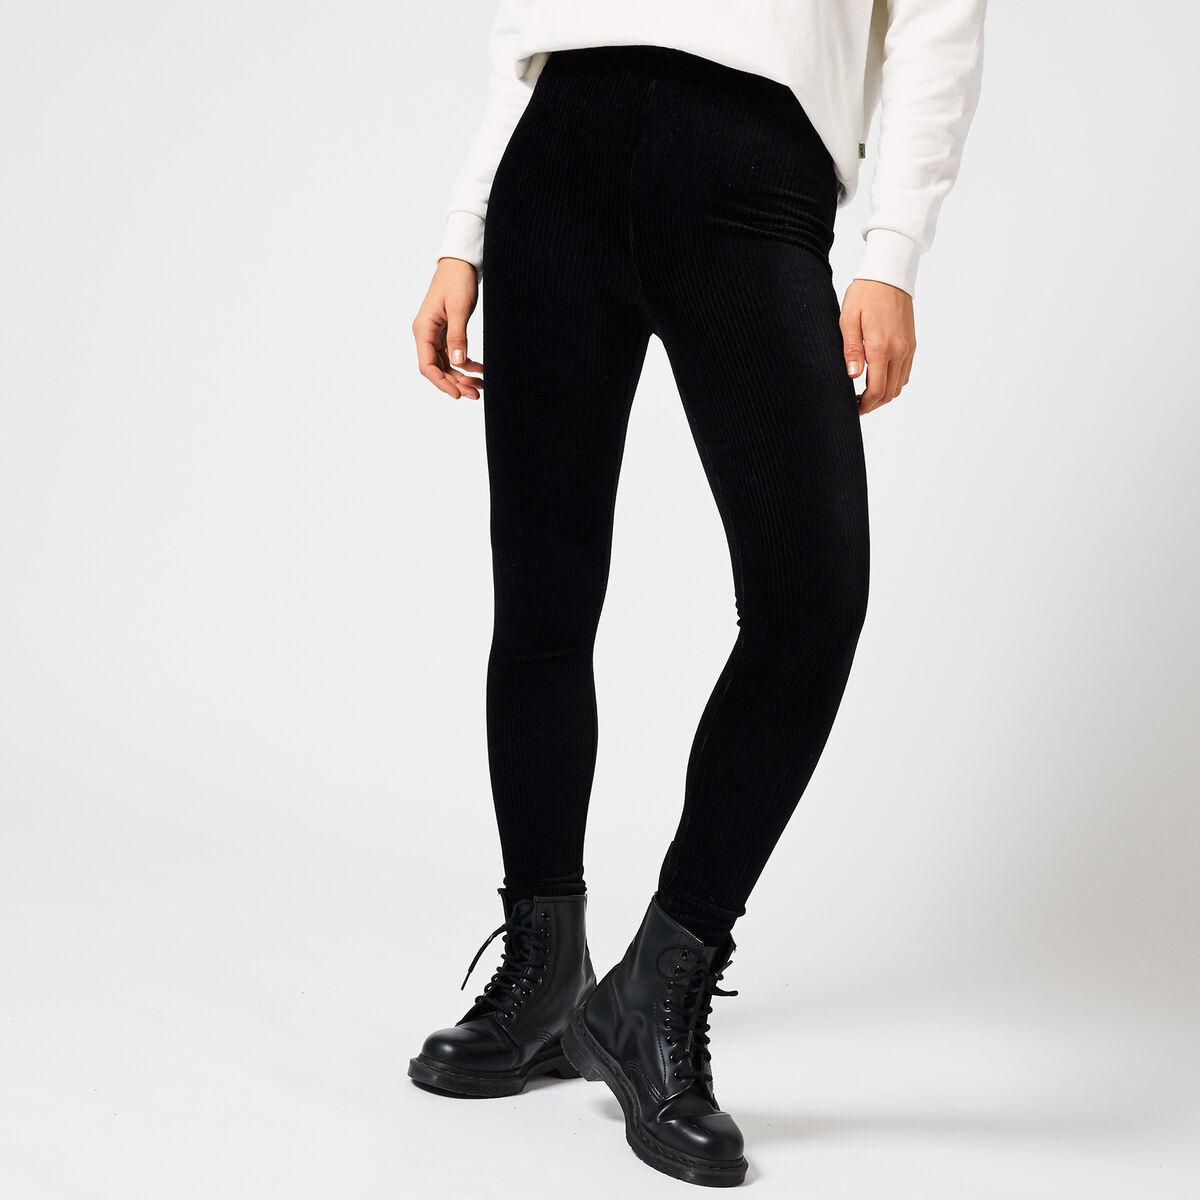 Legging Charlene